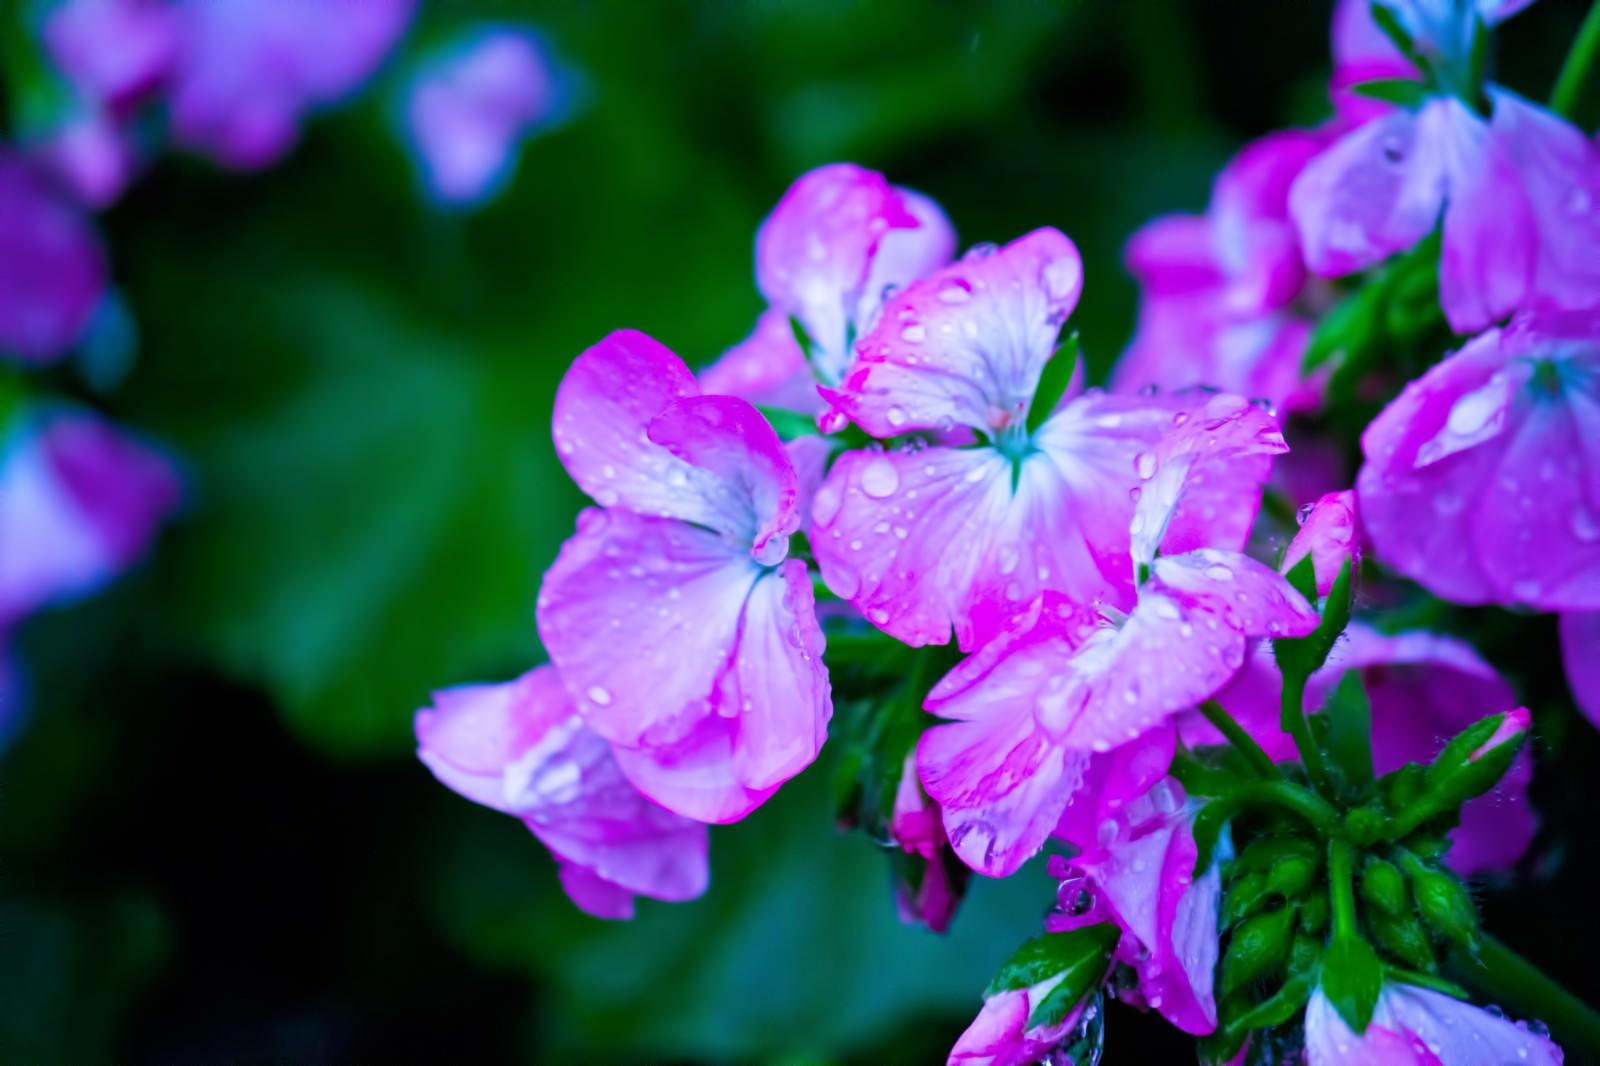 「雨に濡れた紫の花」の写真